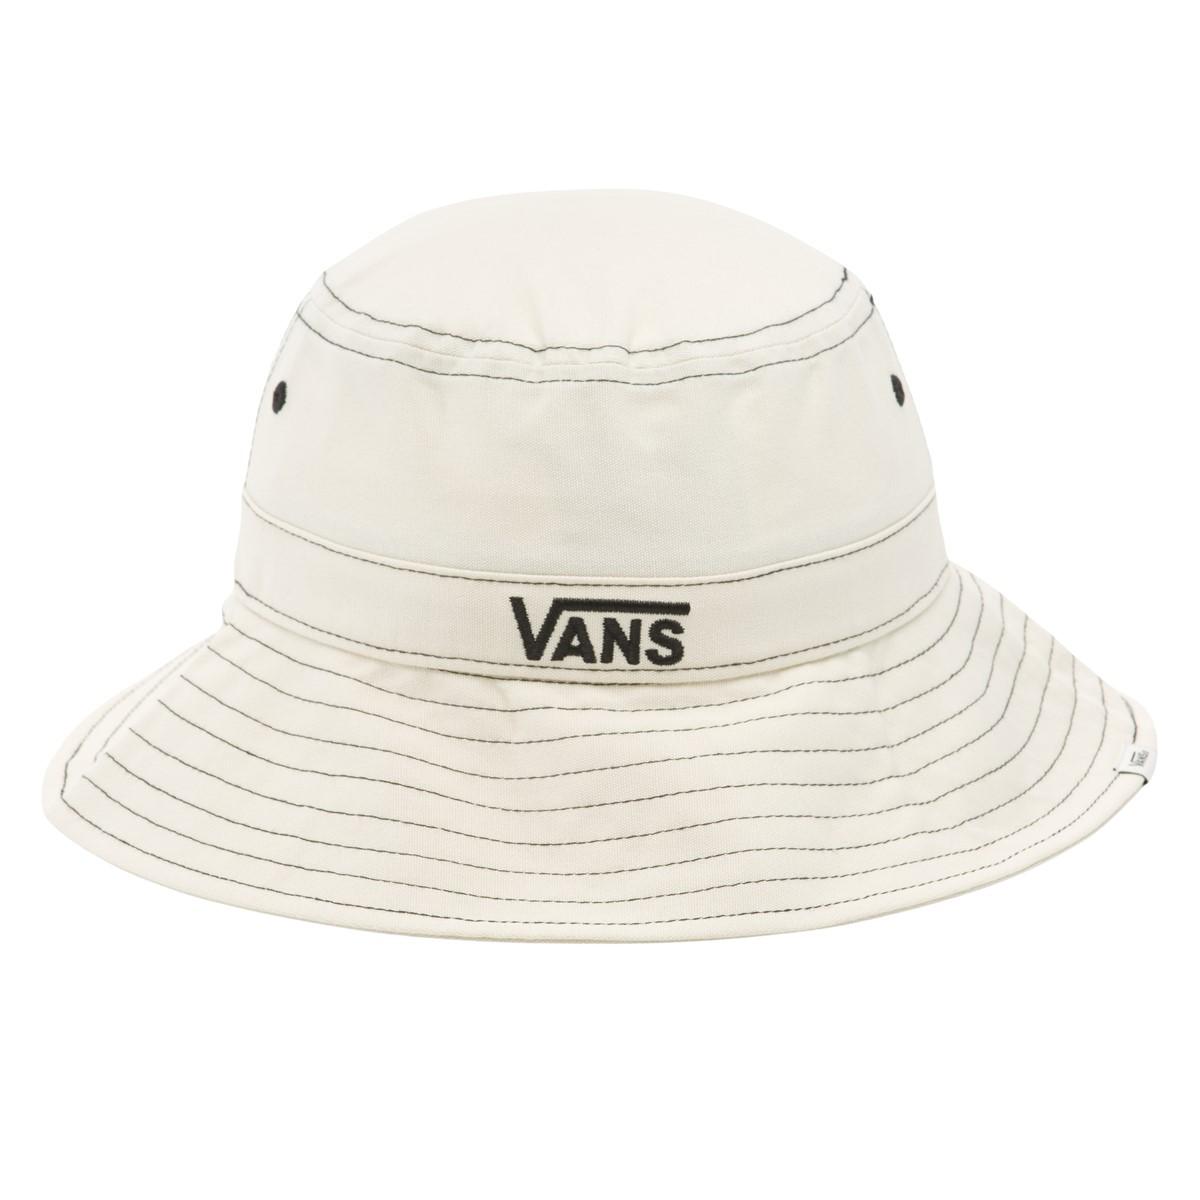 Cincher Bucket Hat in Beige